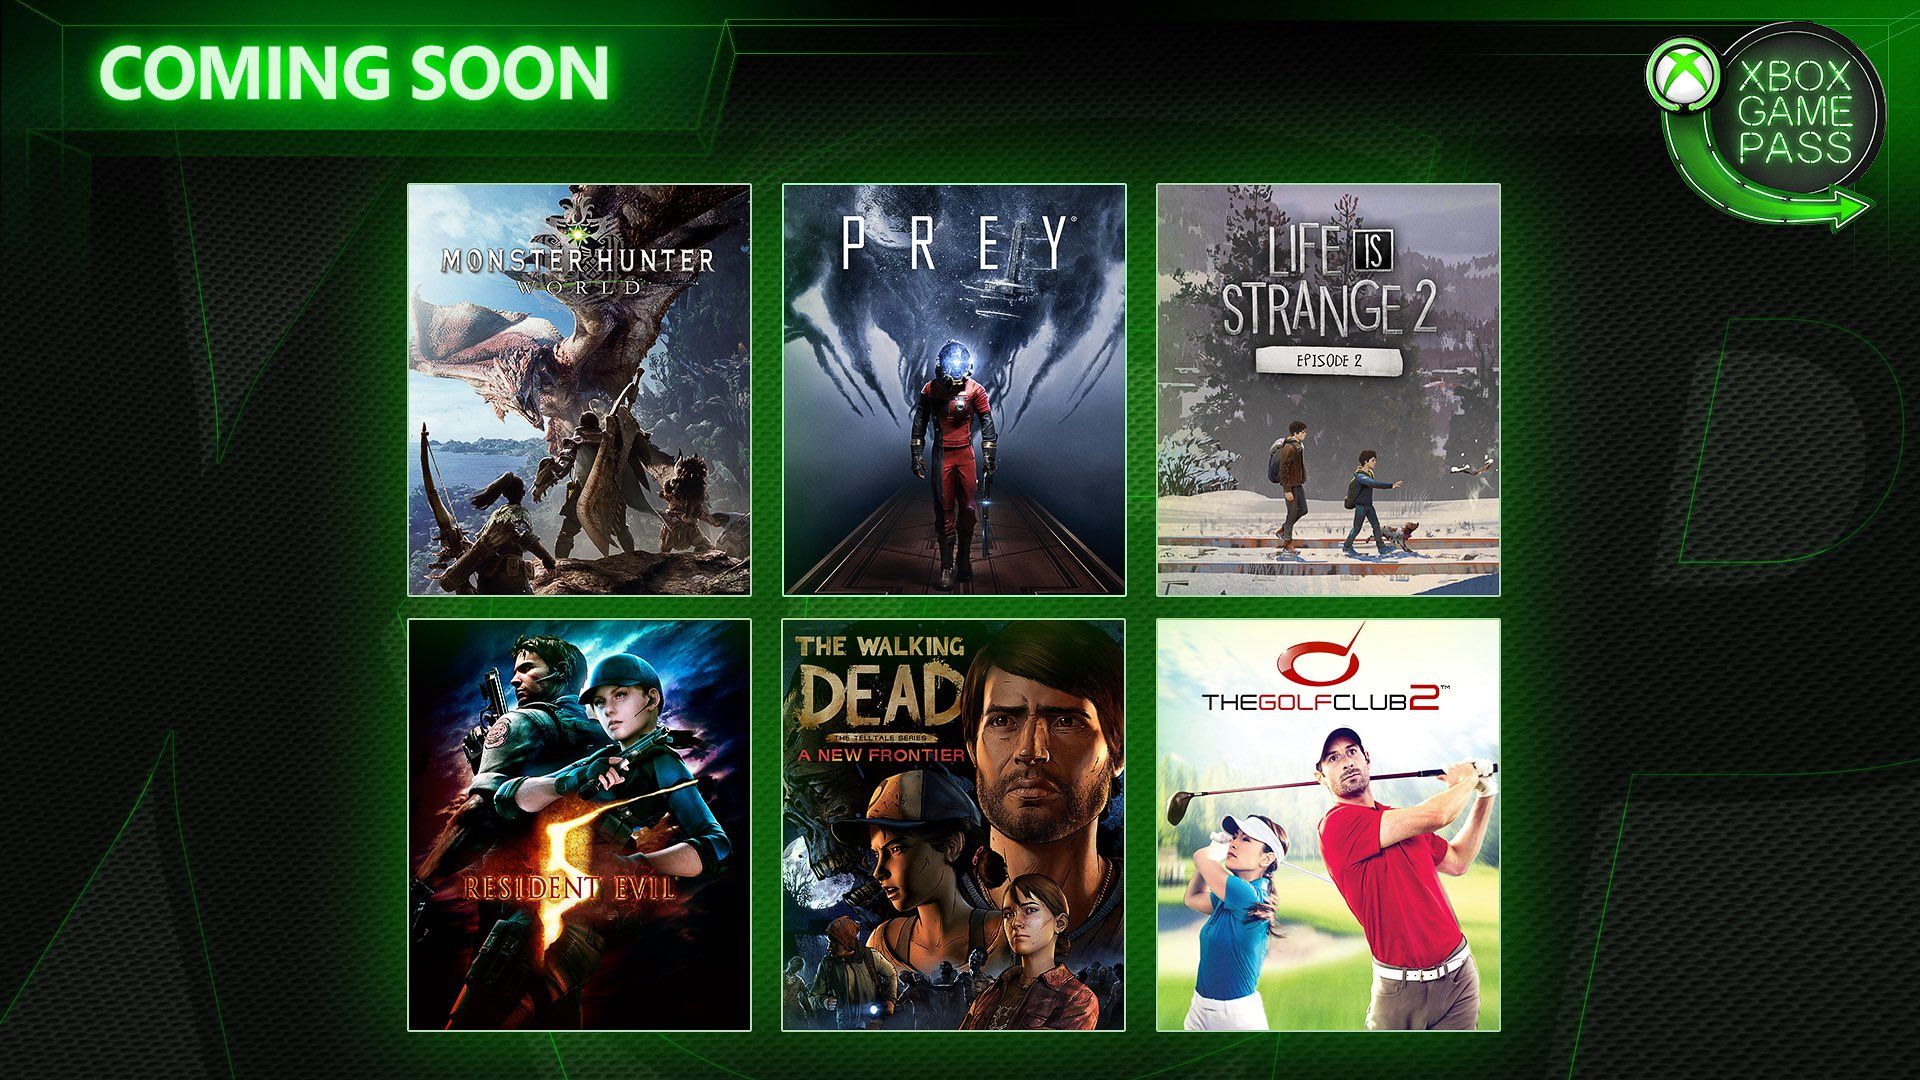 Prey y The Golf Club 2 ya disponibles en el catálogo de Xbox Game Pass